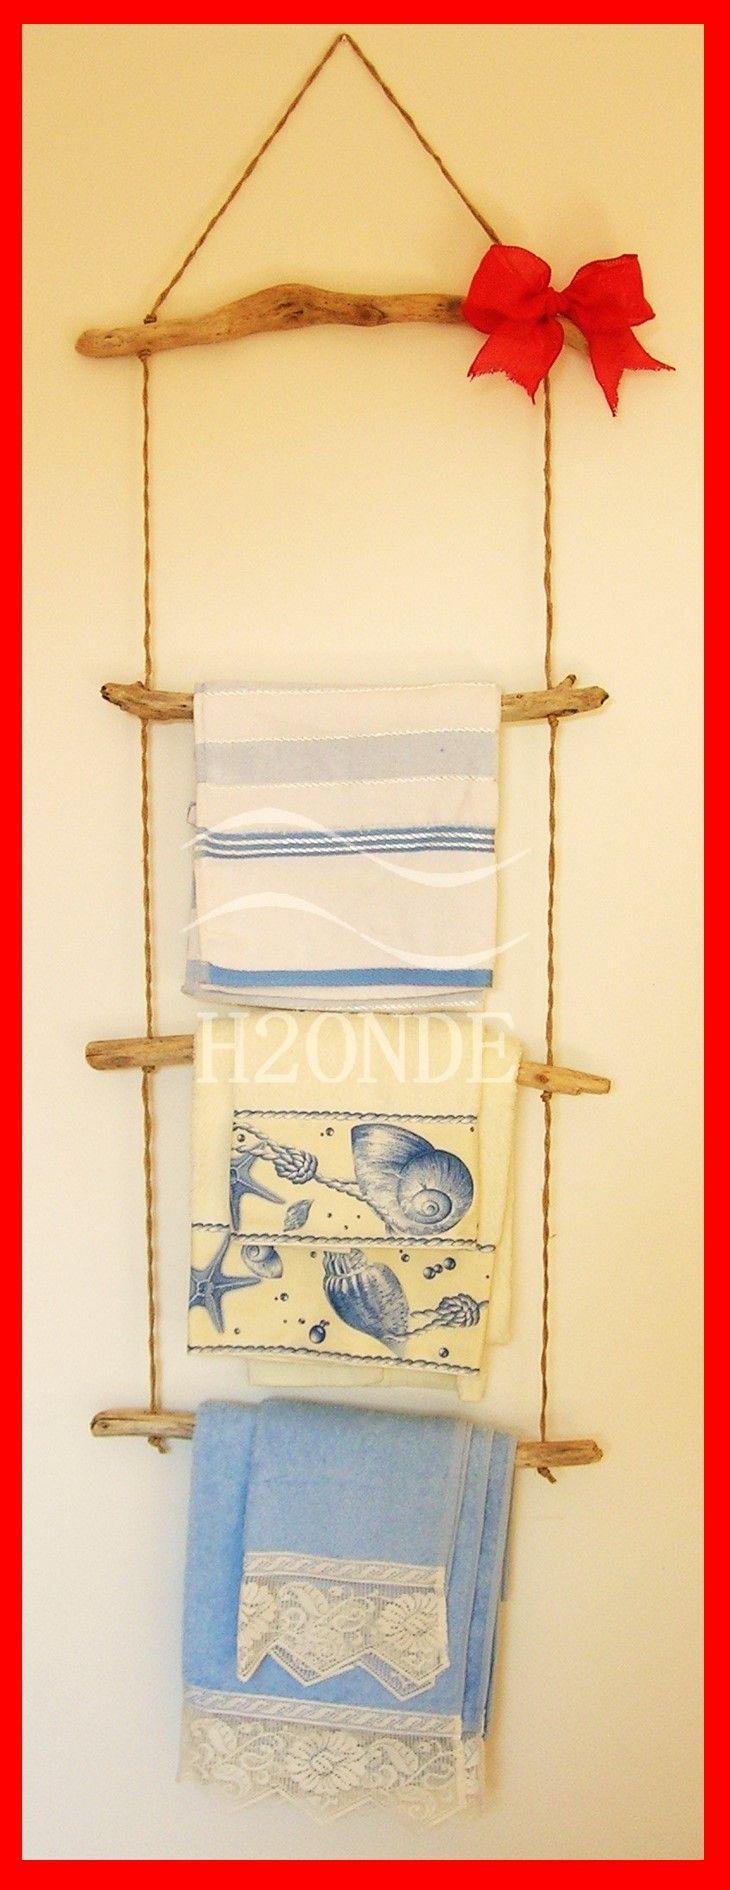 Portasciugamani porta asciugamani da parete porta sciarpe porta cravatta cabina armadio arredo